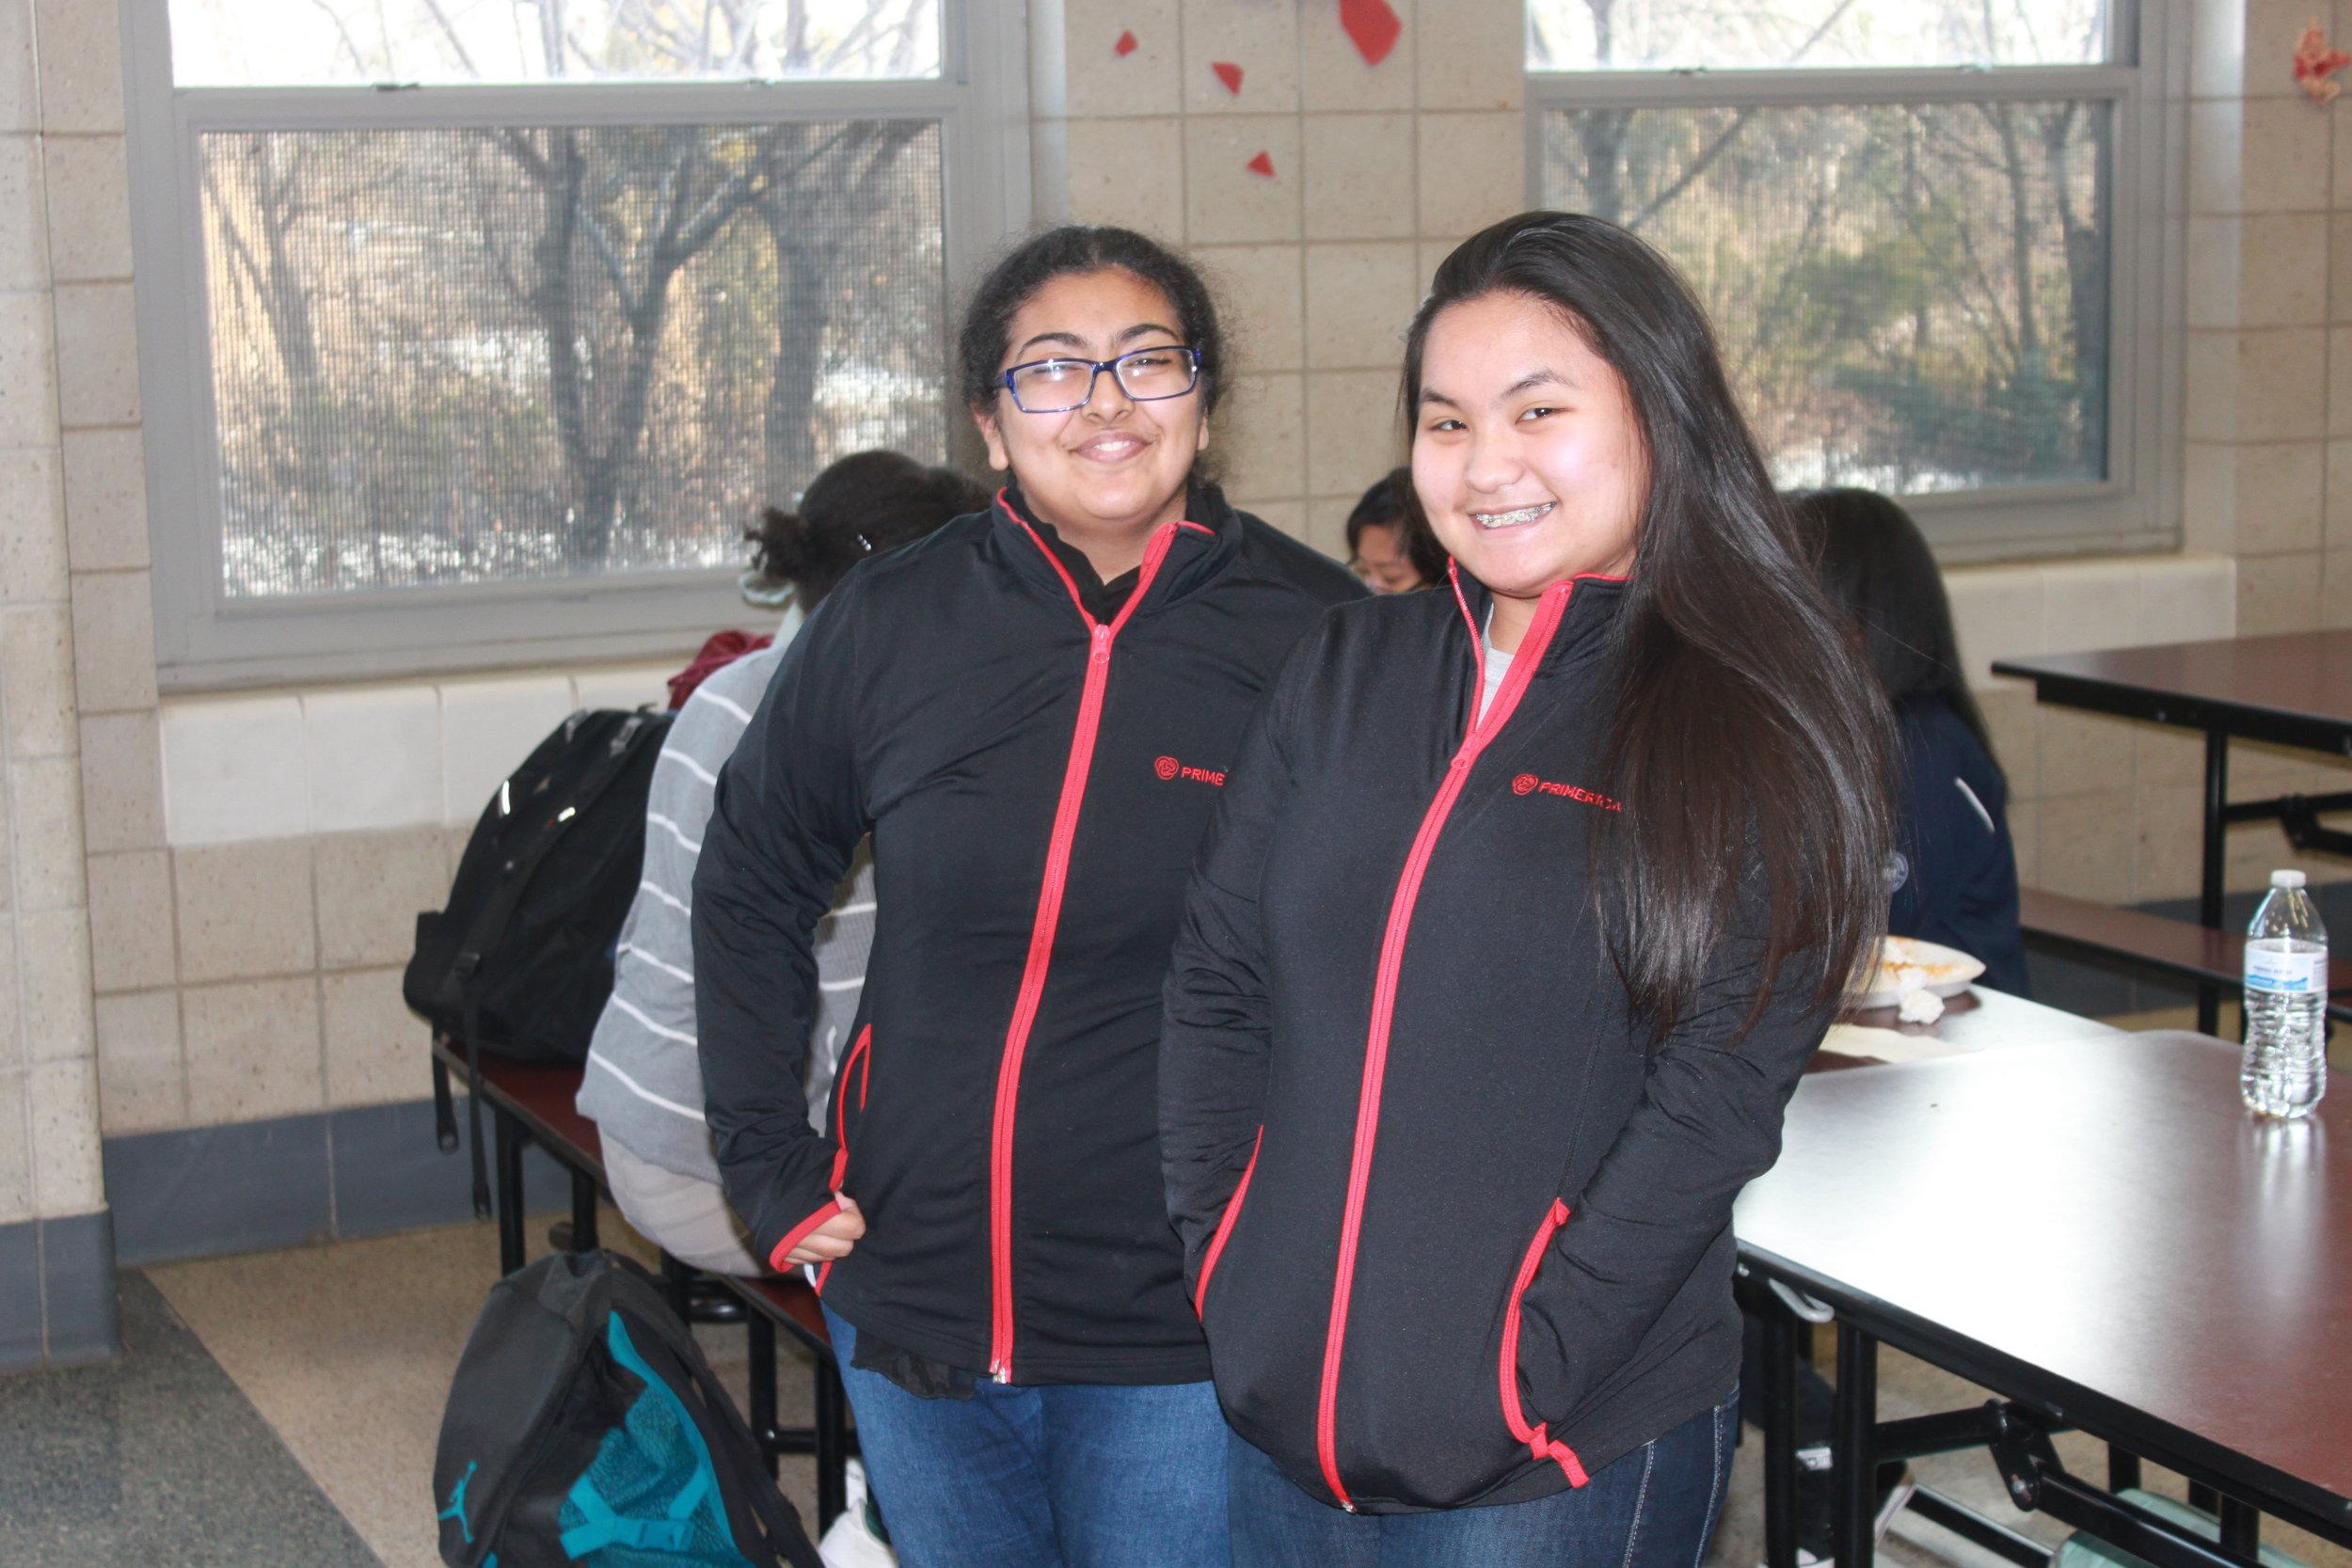 Engelica Santillian and Assma Ali wear matching black zip ups.